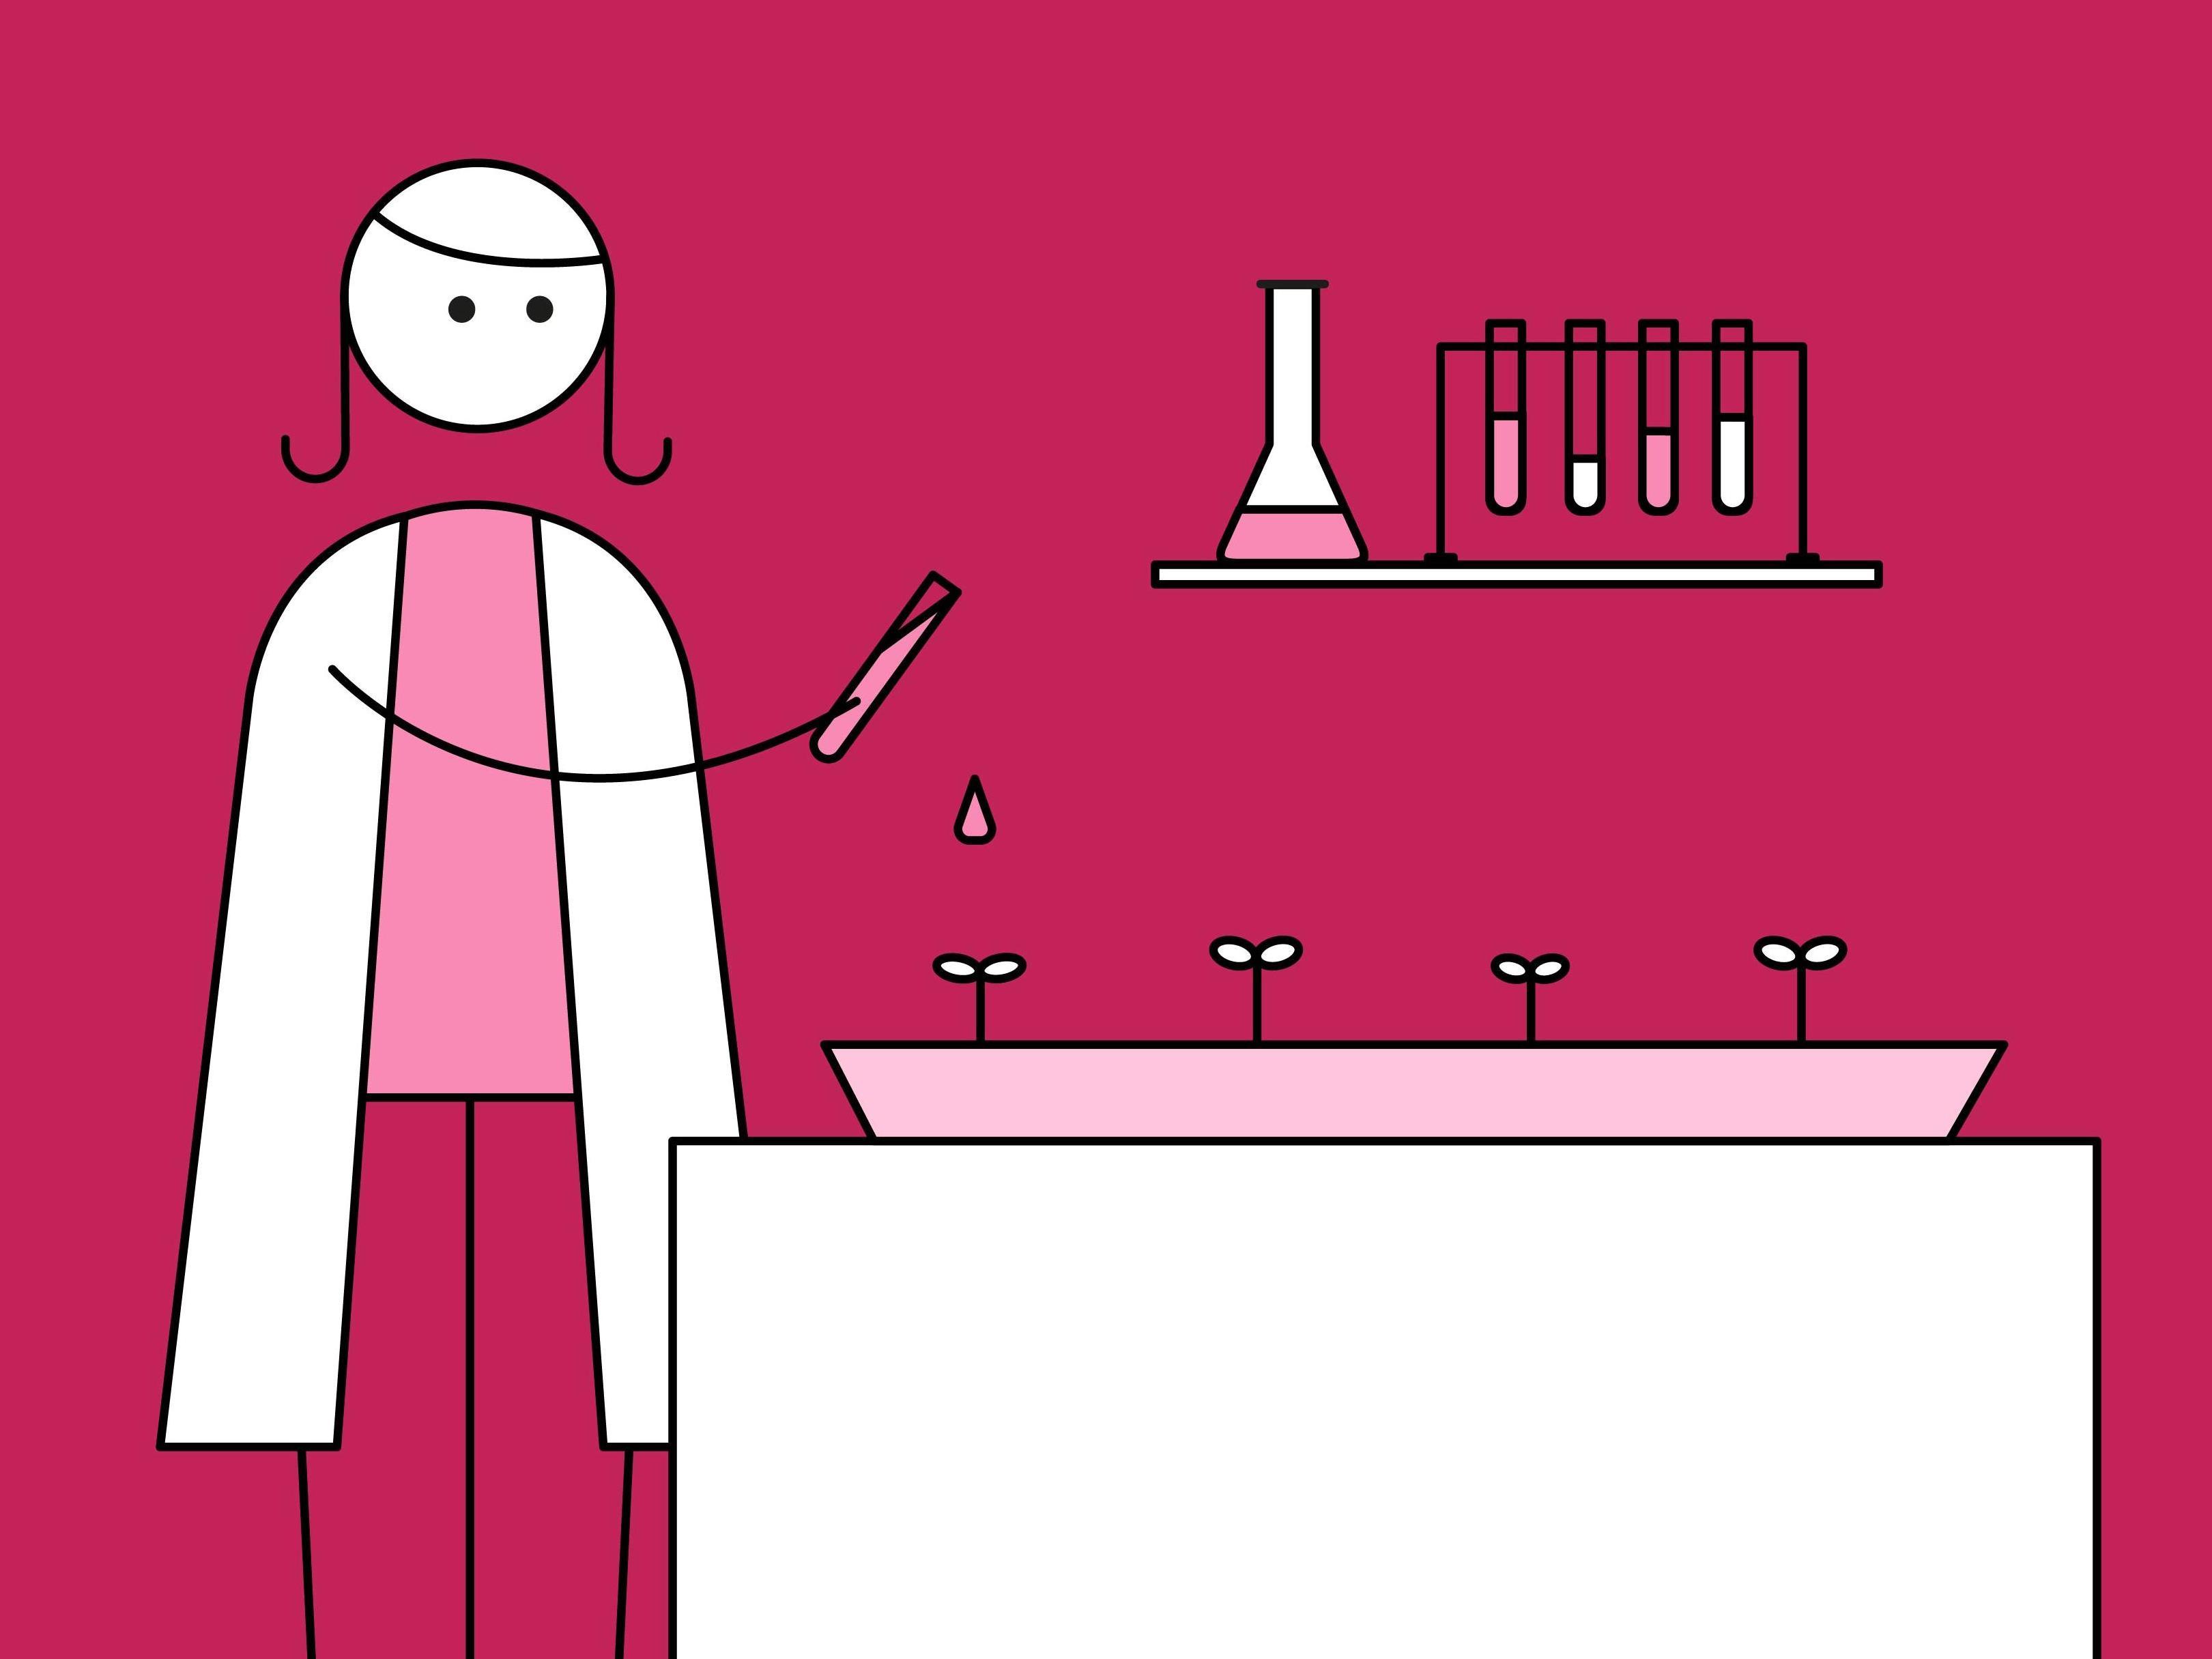 AGIR+ pour l'égalité - améliorer les conditions de travail – Episode 2/5